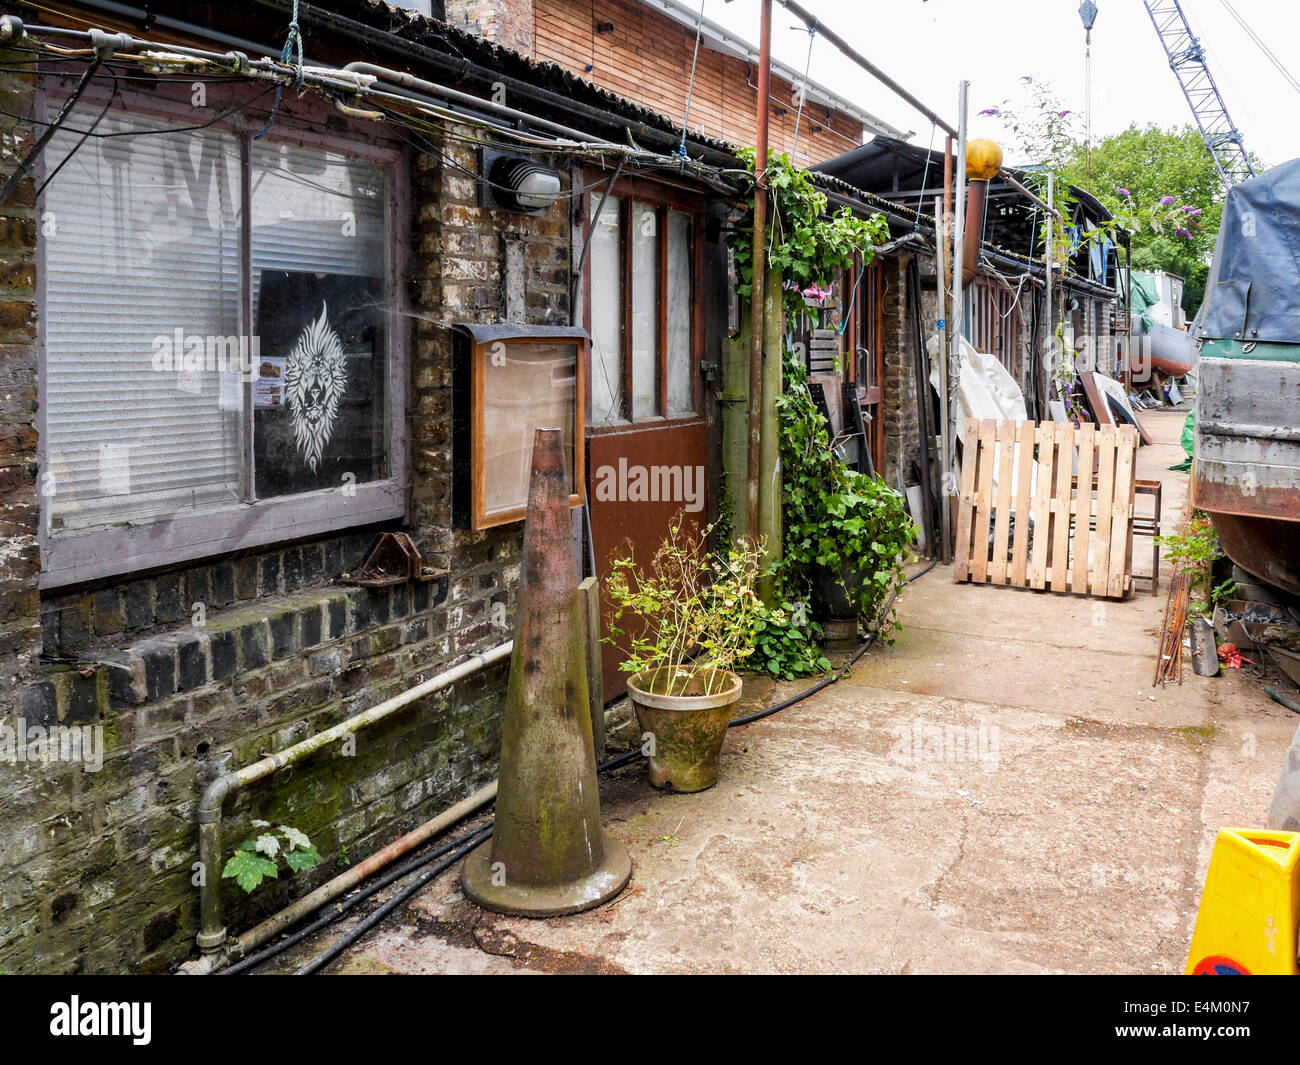 Artists' studios in the working boatyard area of  Eel Pie Island, Twickenham, UK - Stock Image